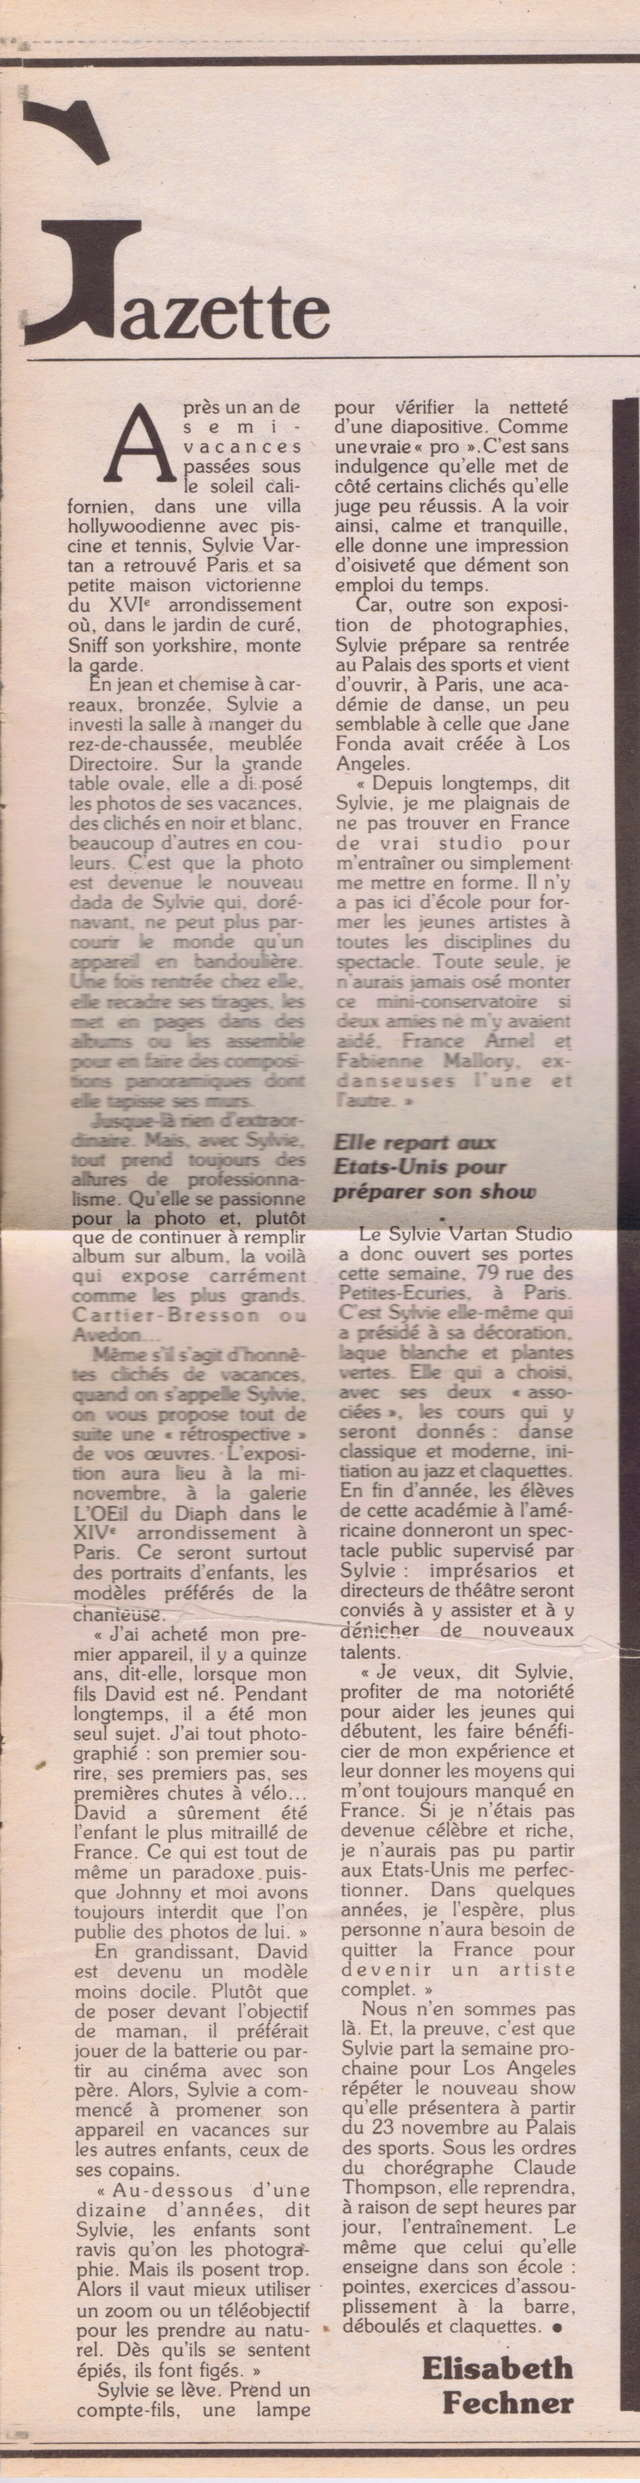 Discographie N° 78 L'AMOUR C'EST COMME UNE CIGARETTE - Page 2 Vsd_0313